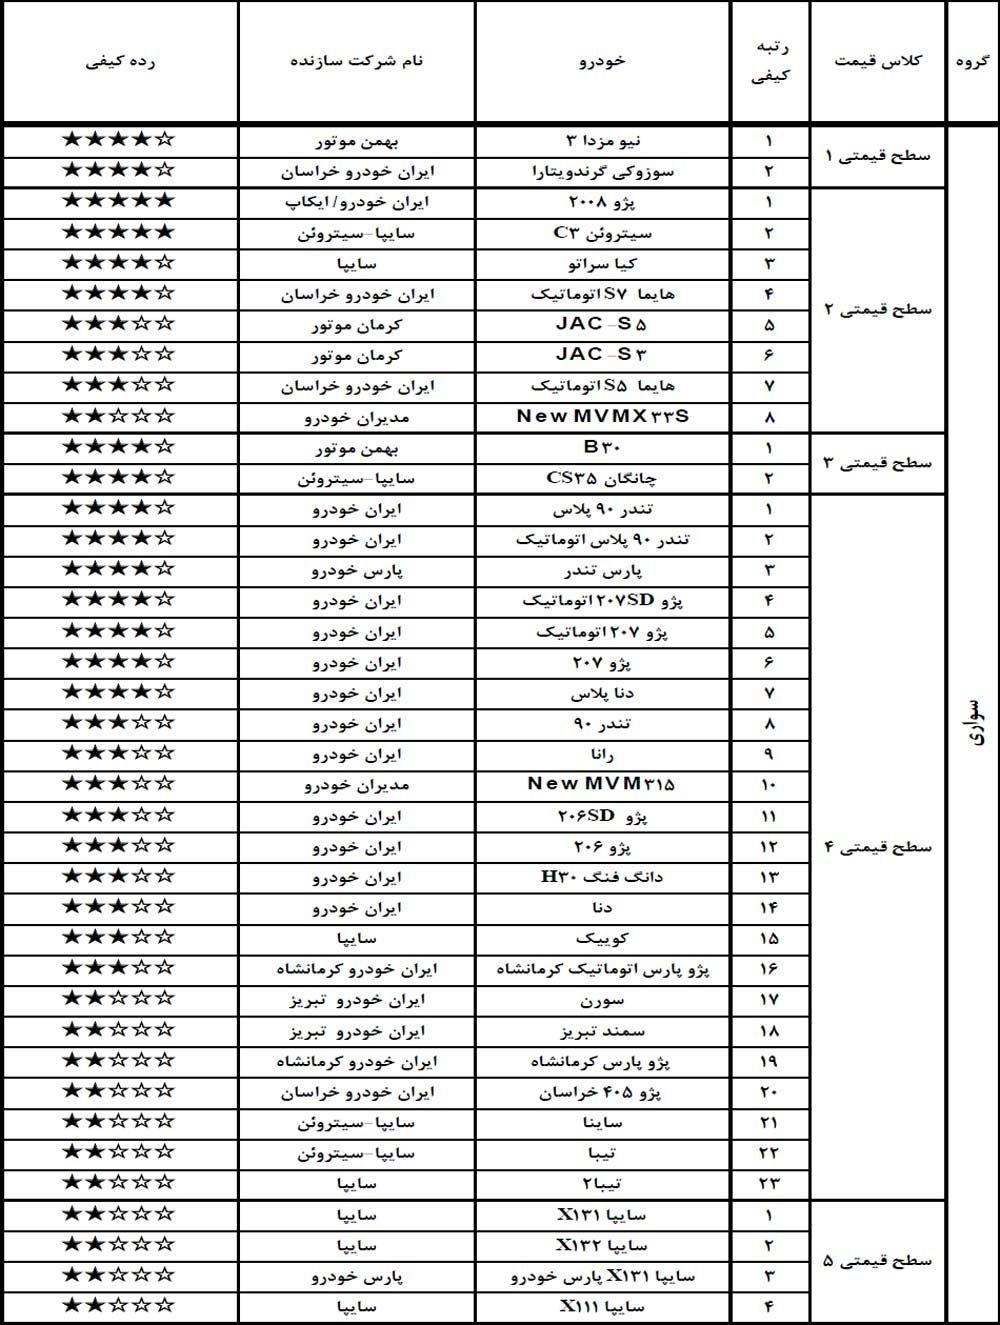 دومین خودروی 5 ستاره ایران معرفی شد/ کدام خودروها درخرداد بالاترین کیفیت ساخت را داشتند (+جدول)